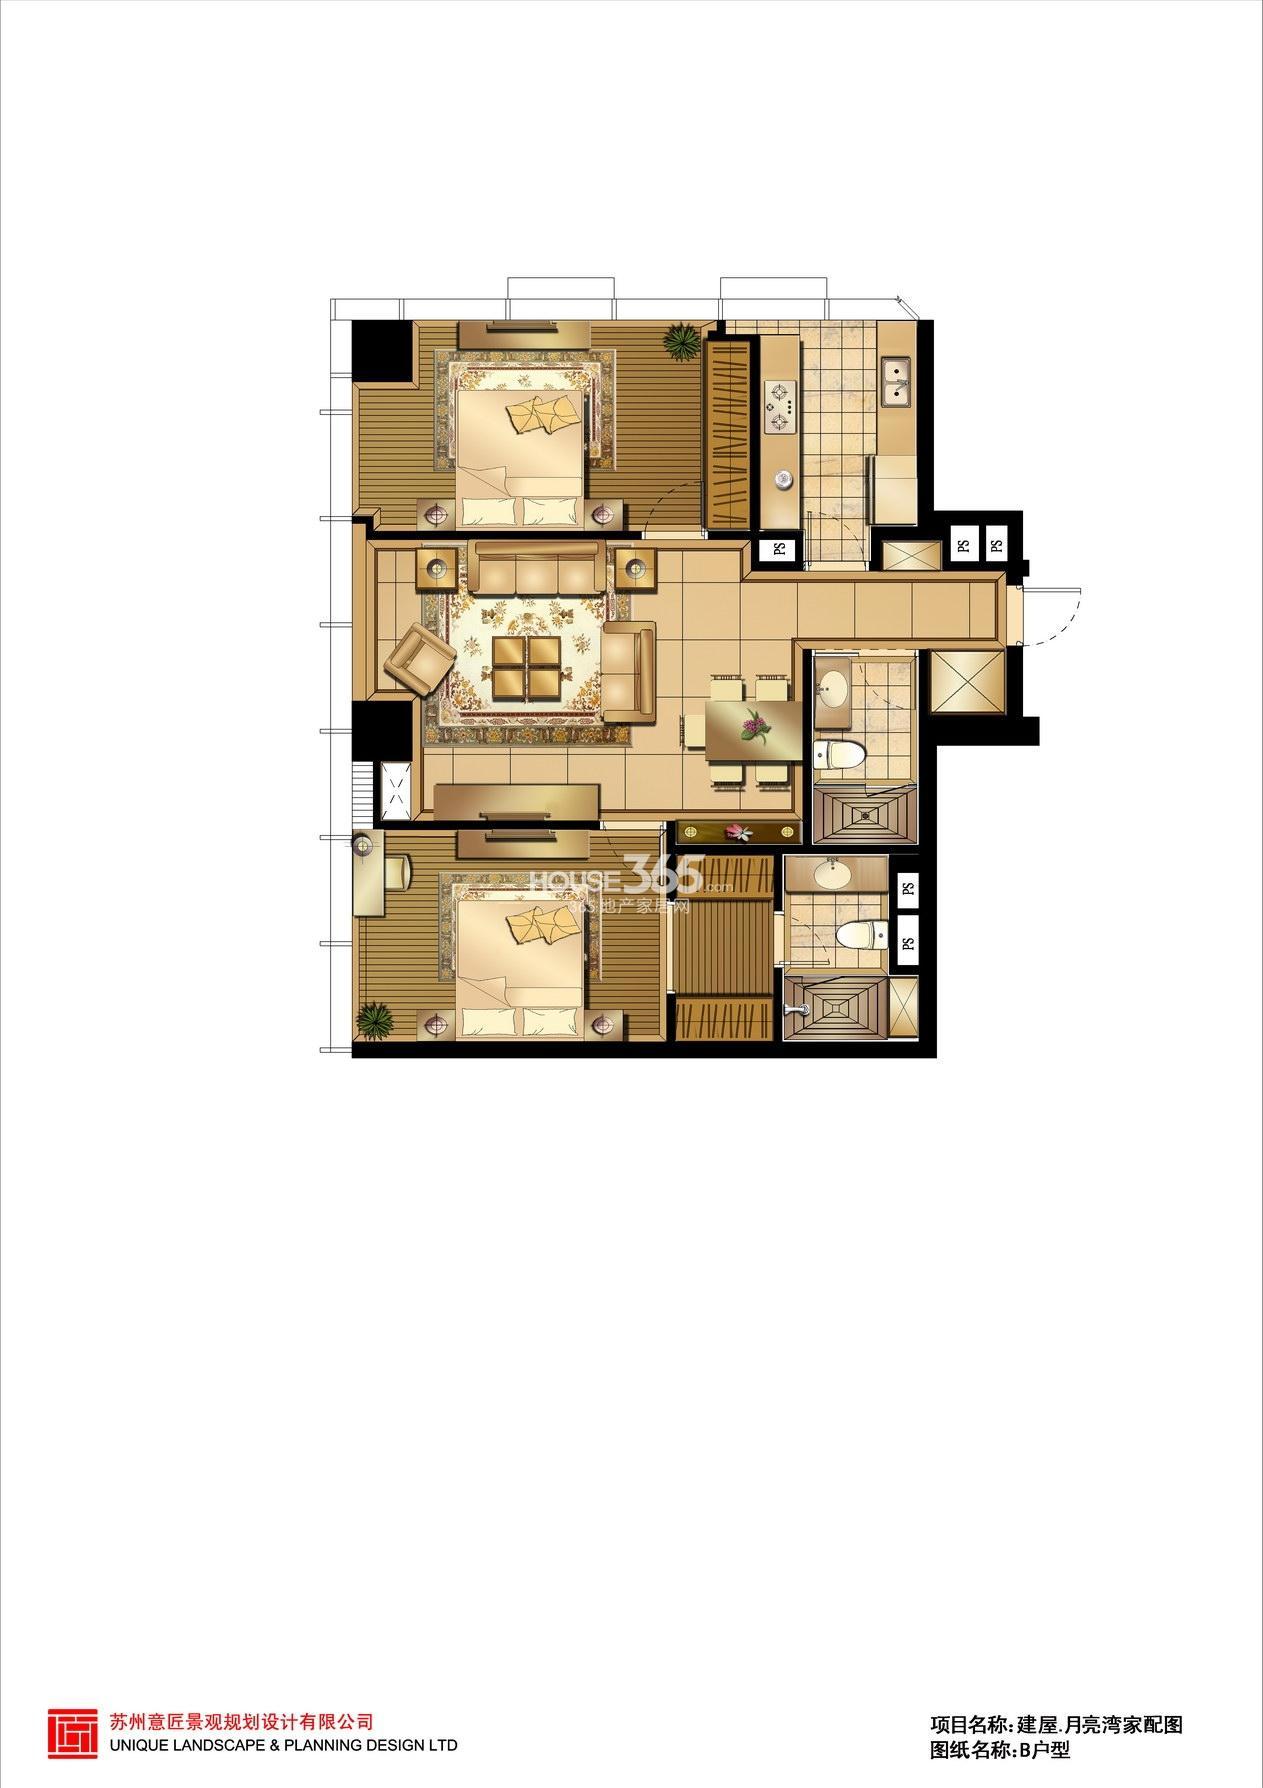 建屋紫宸庭 C户型_122平米_两室两厅两卫 122平